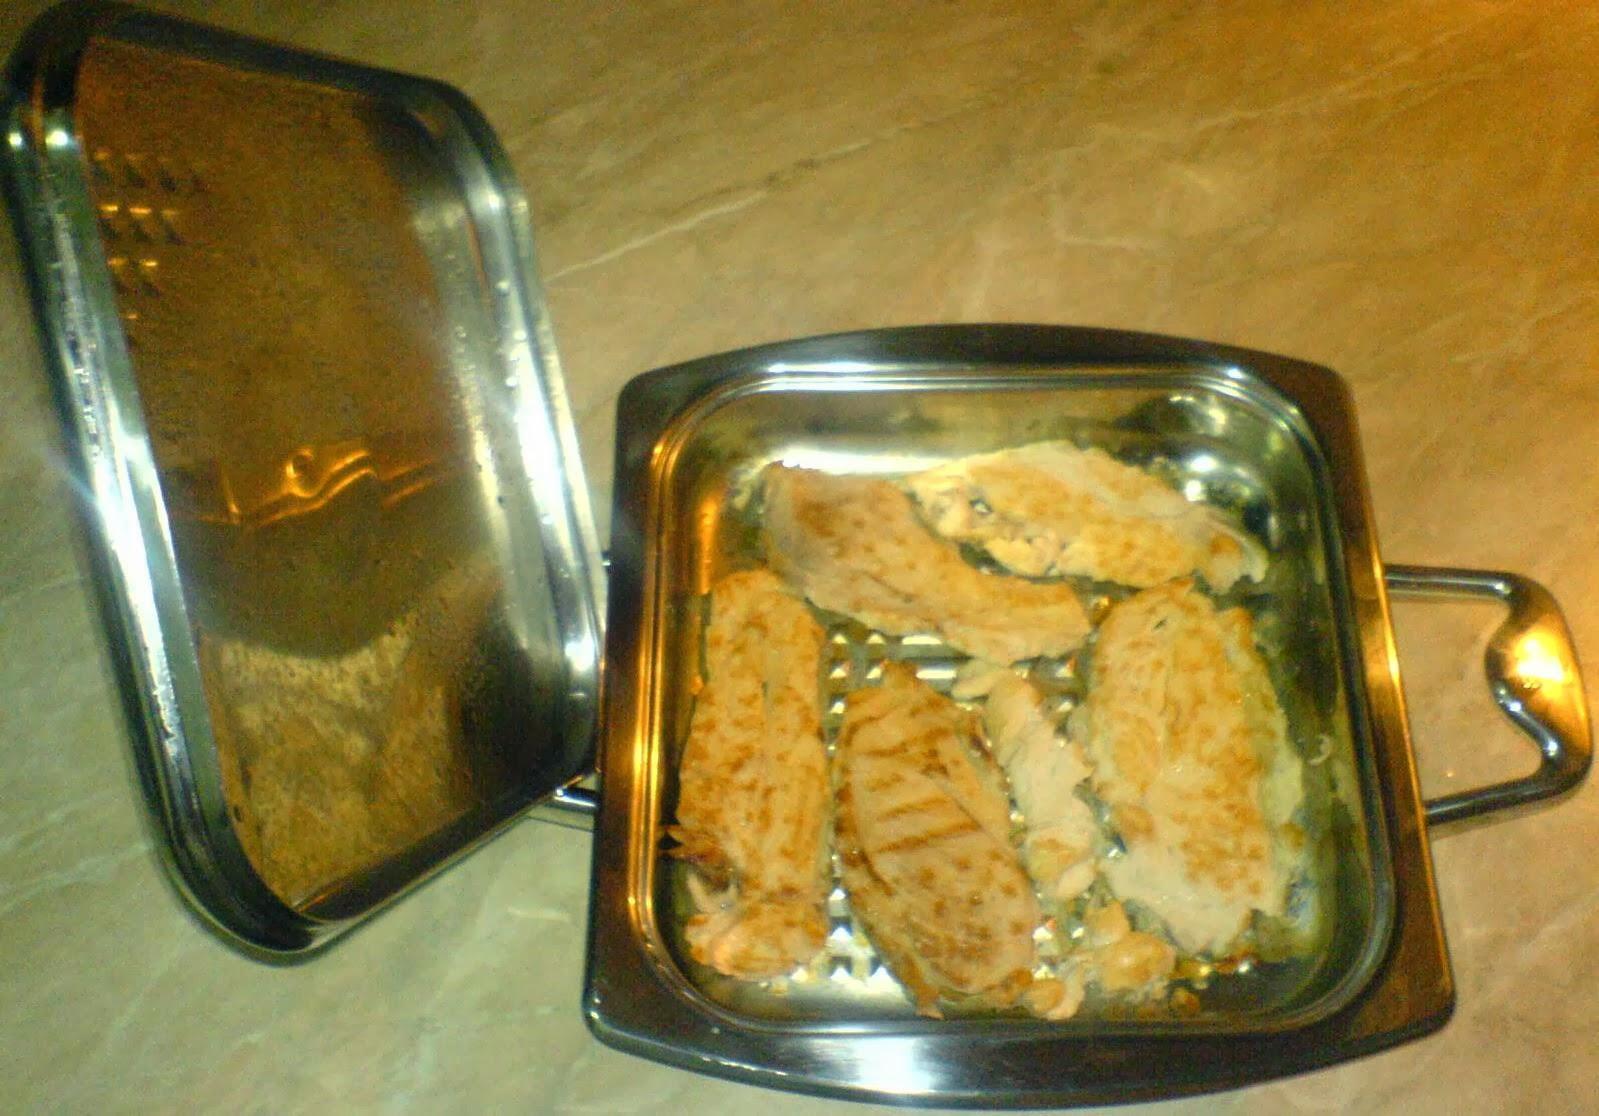 retete culinare, retete cu pui, friptura de pui, retete de mancare, piept de pui fript, retete dietetice, cura de slabire, diete de slabire, meniu